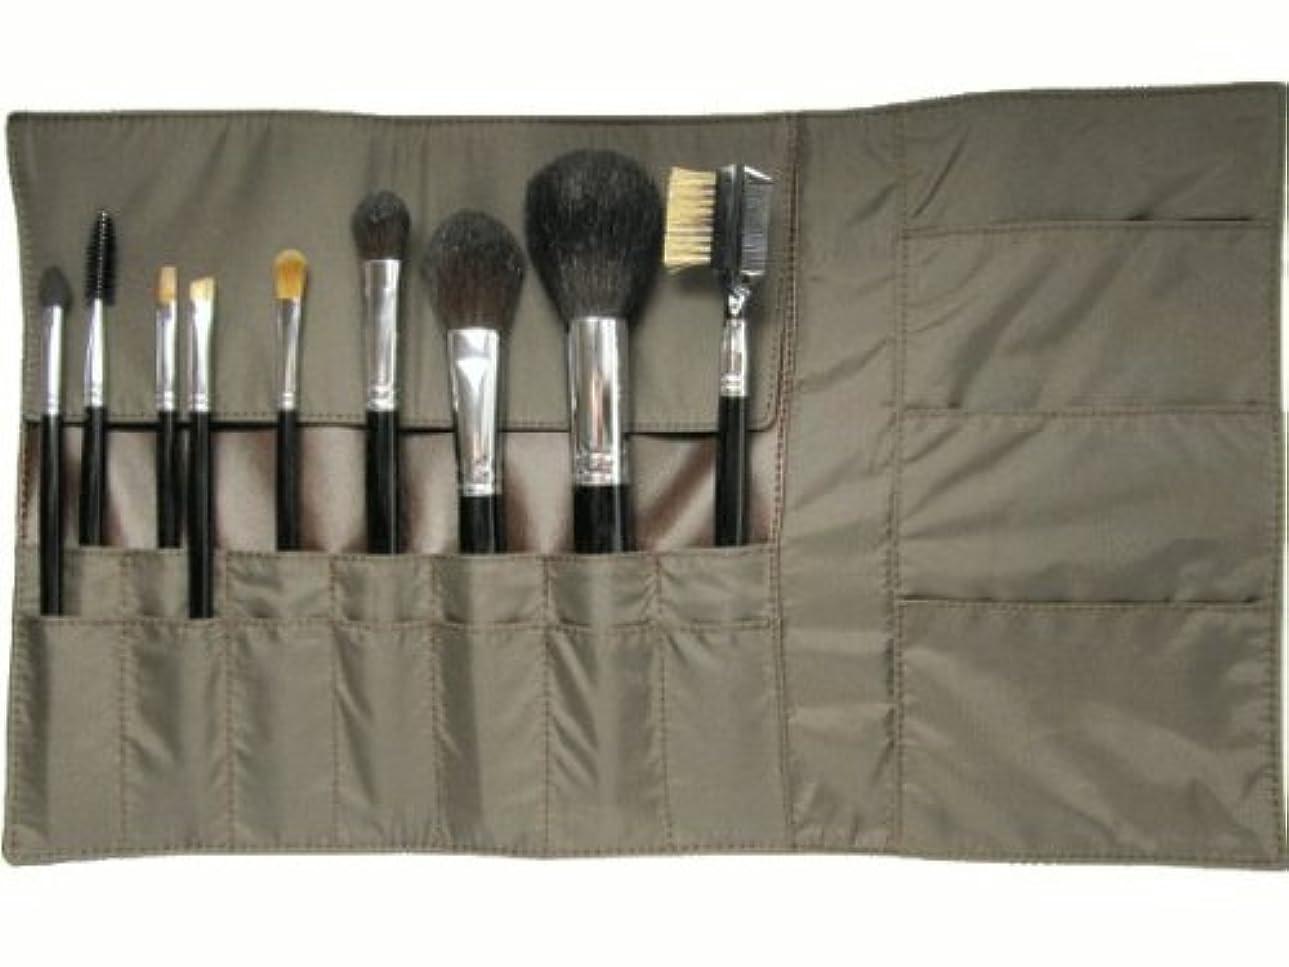 シャープ記述するするだろうメイクブラシ9点セット & 携帯用化粧ポーチ 熊野筆 宮尾産業化粧筆 メイクブラシ MB101シリーズ